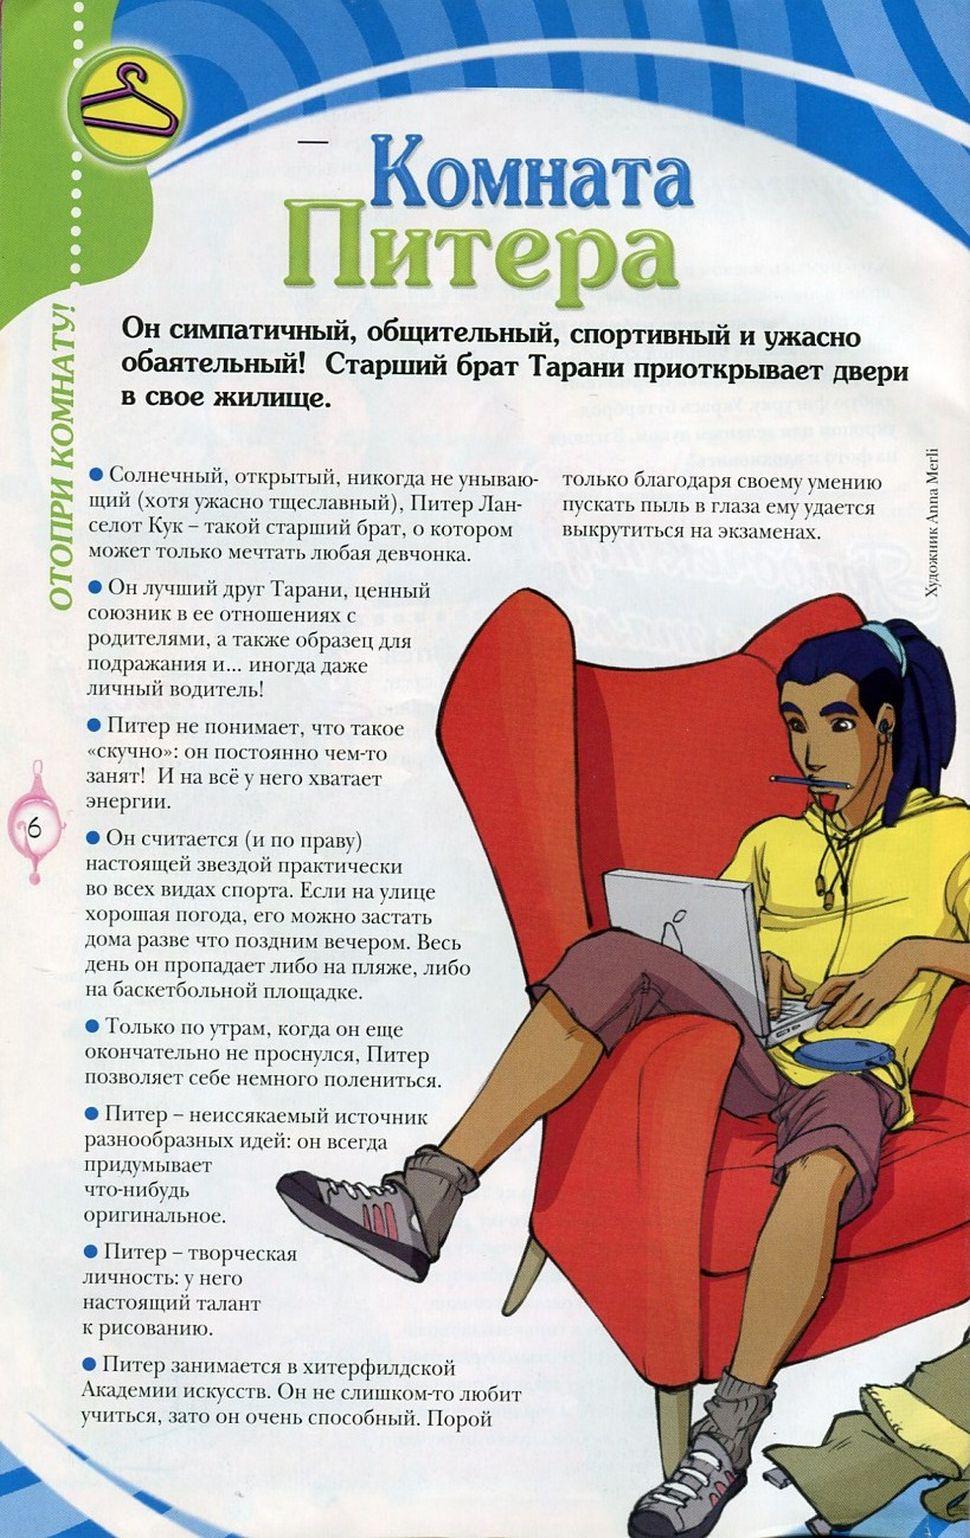 WITСH.Чародейки - Вся правда. 4 сезон 41 серия. Часть 2